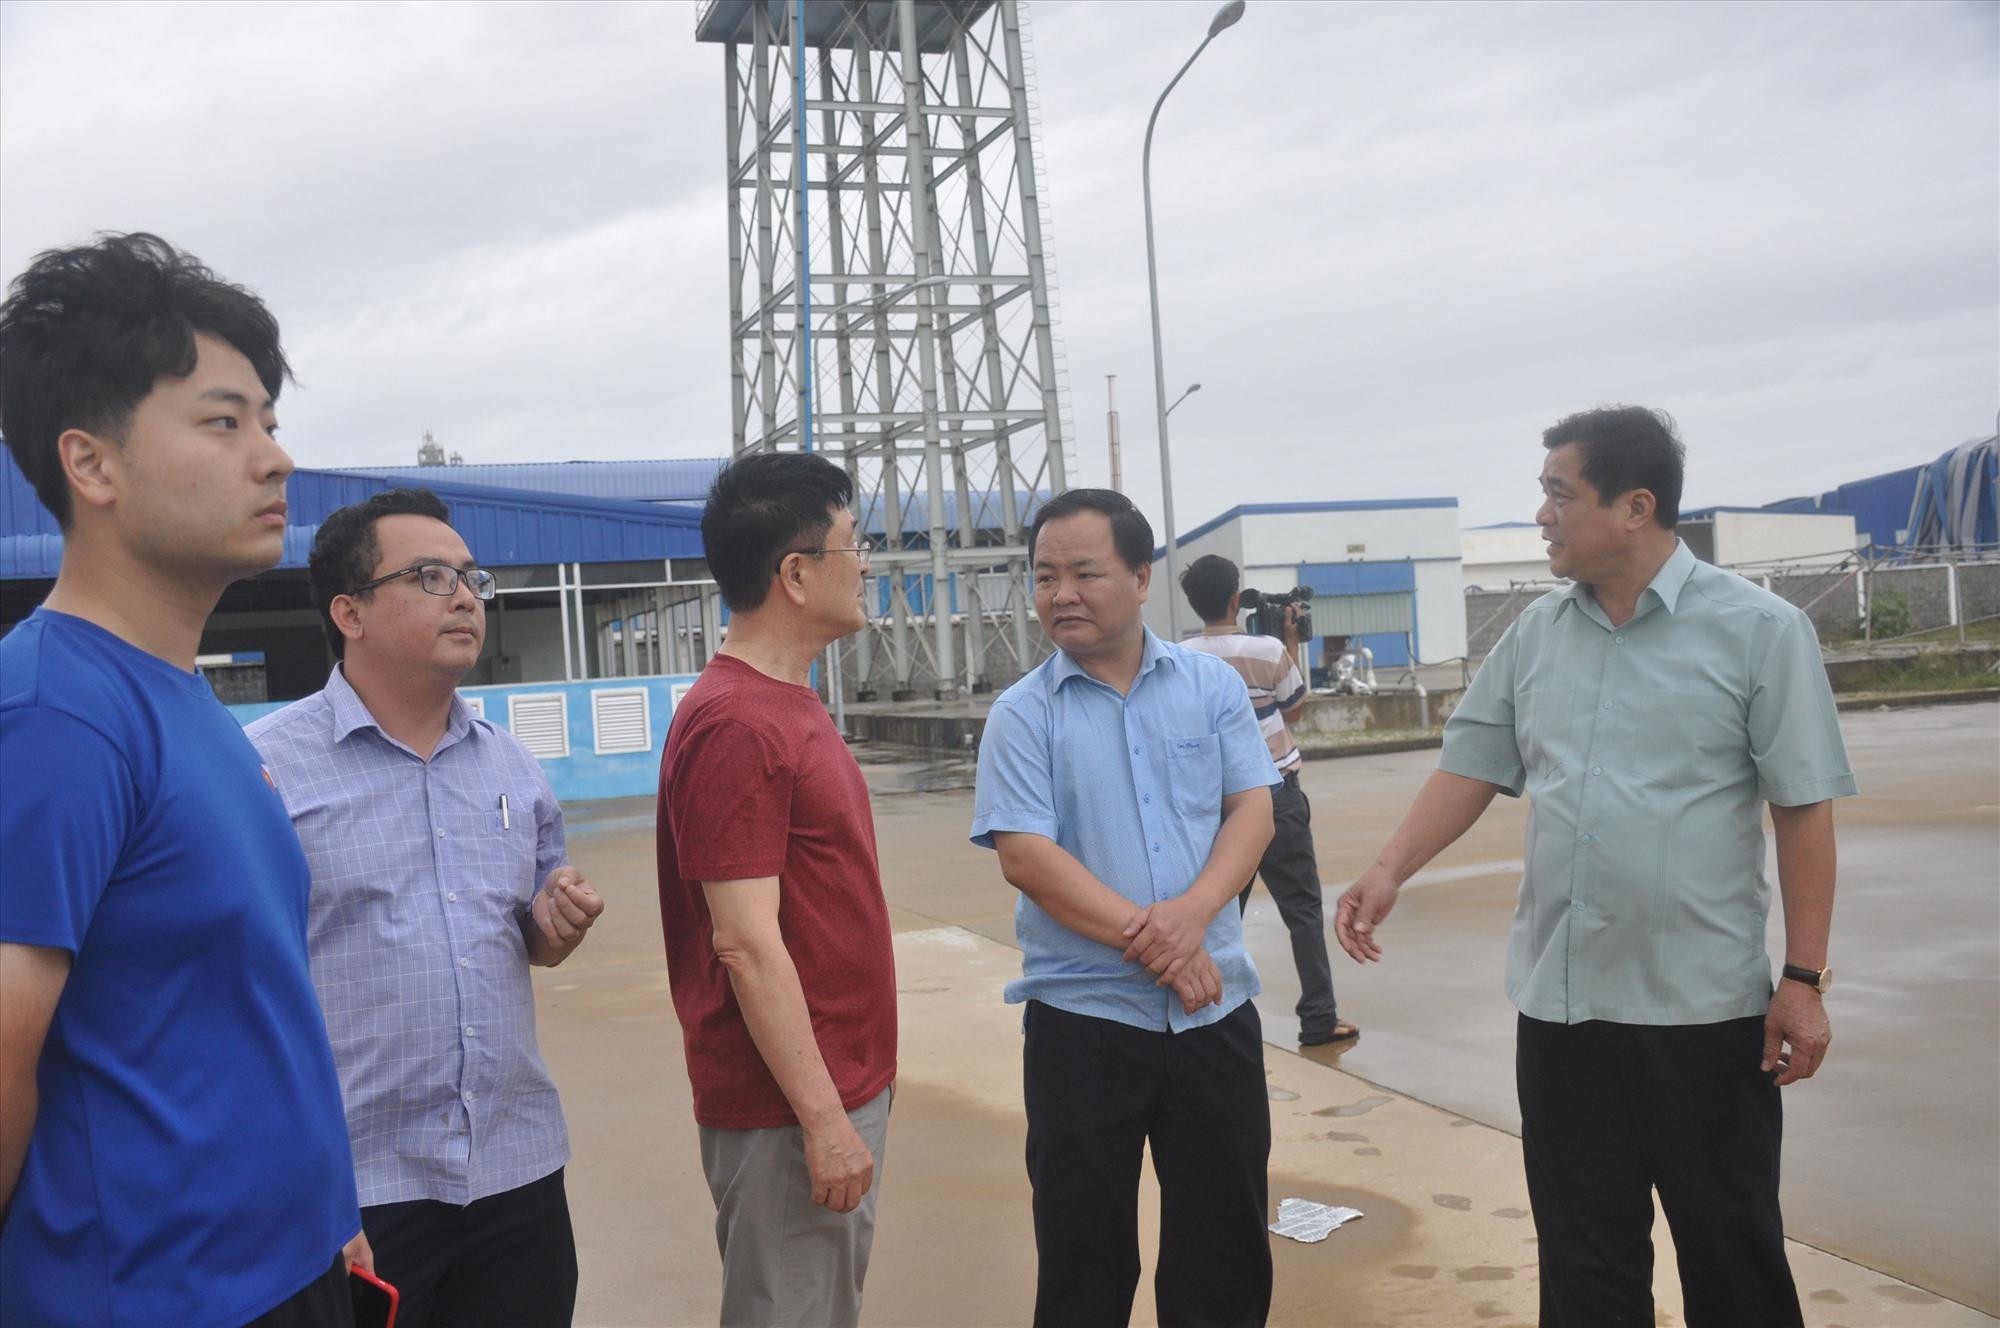 Bí thư Tỉnh ủy Phan Việt Cường thăm hỏi, động viên đại diện lãnh đạo nhà máy Panko (Tam Thăng) sau bão. Một nhà xưởng của doanh nghiệp này bị tốc mái gần như hoàn toàn do bão số 9. Ảnh: N.Đ